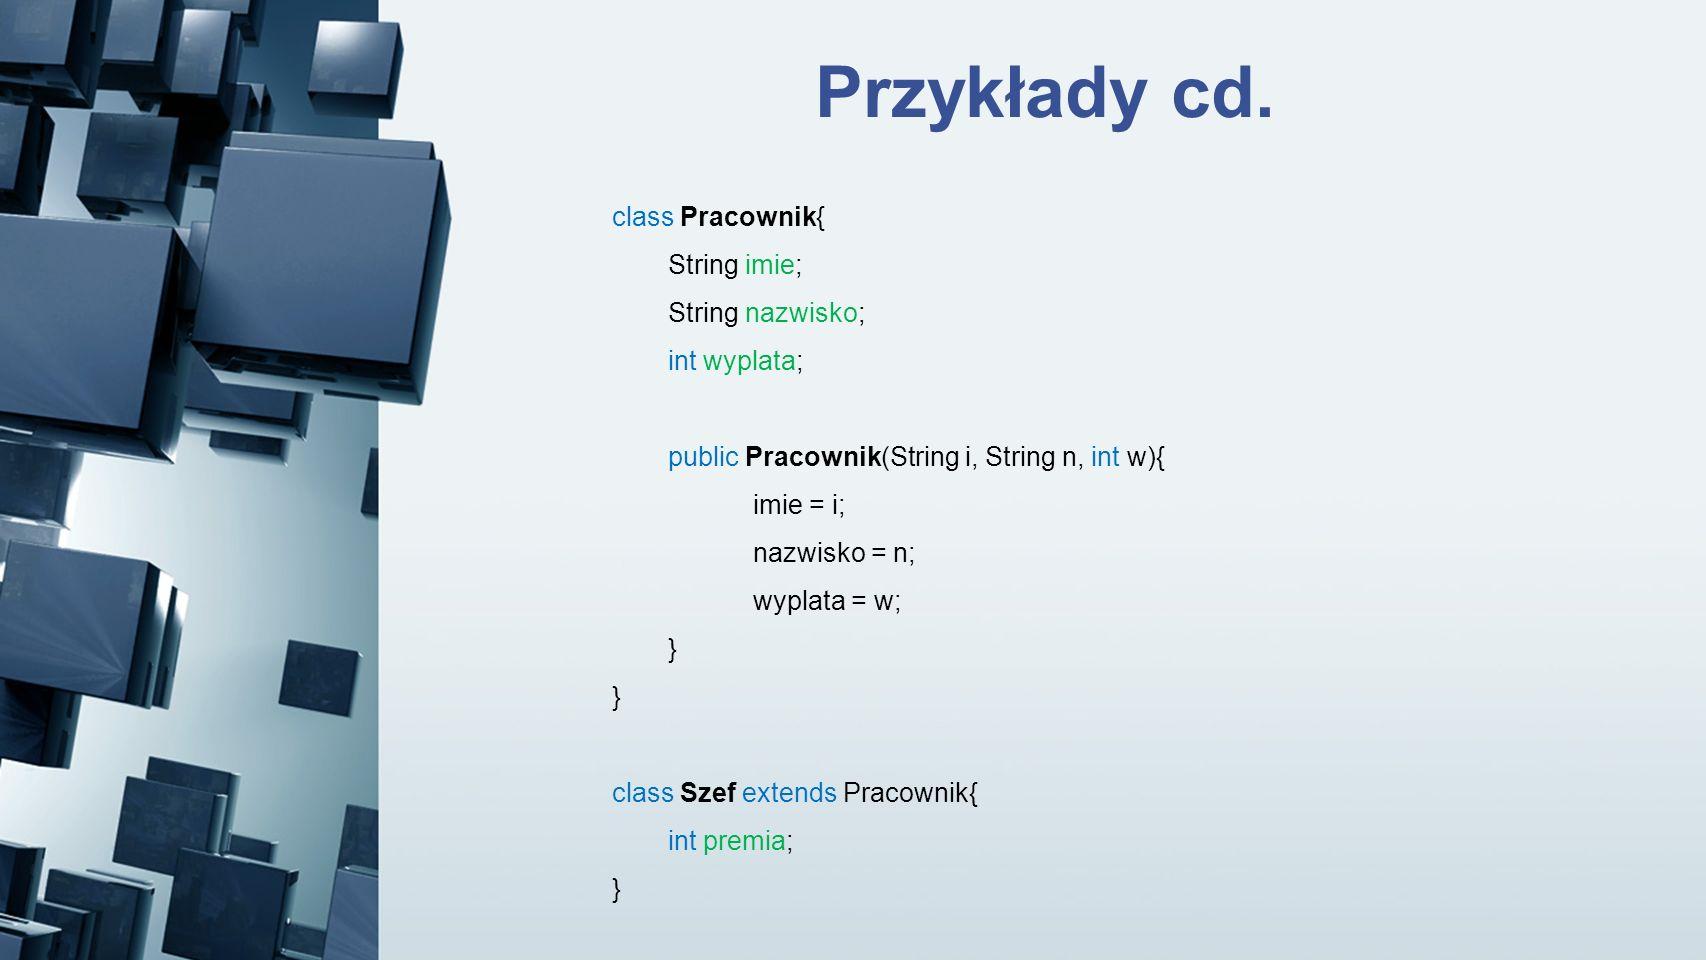 Przykłady cd. class Pracownik{ String imie; String nazwisko; int wyplata; public Pracownik(String i, String n, int w){ imie = i; nazwisko = n; wyplata